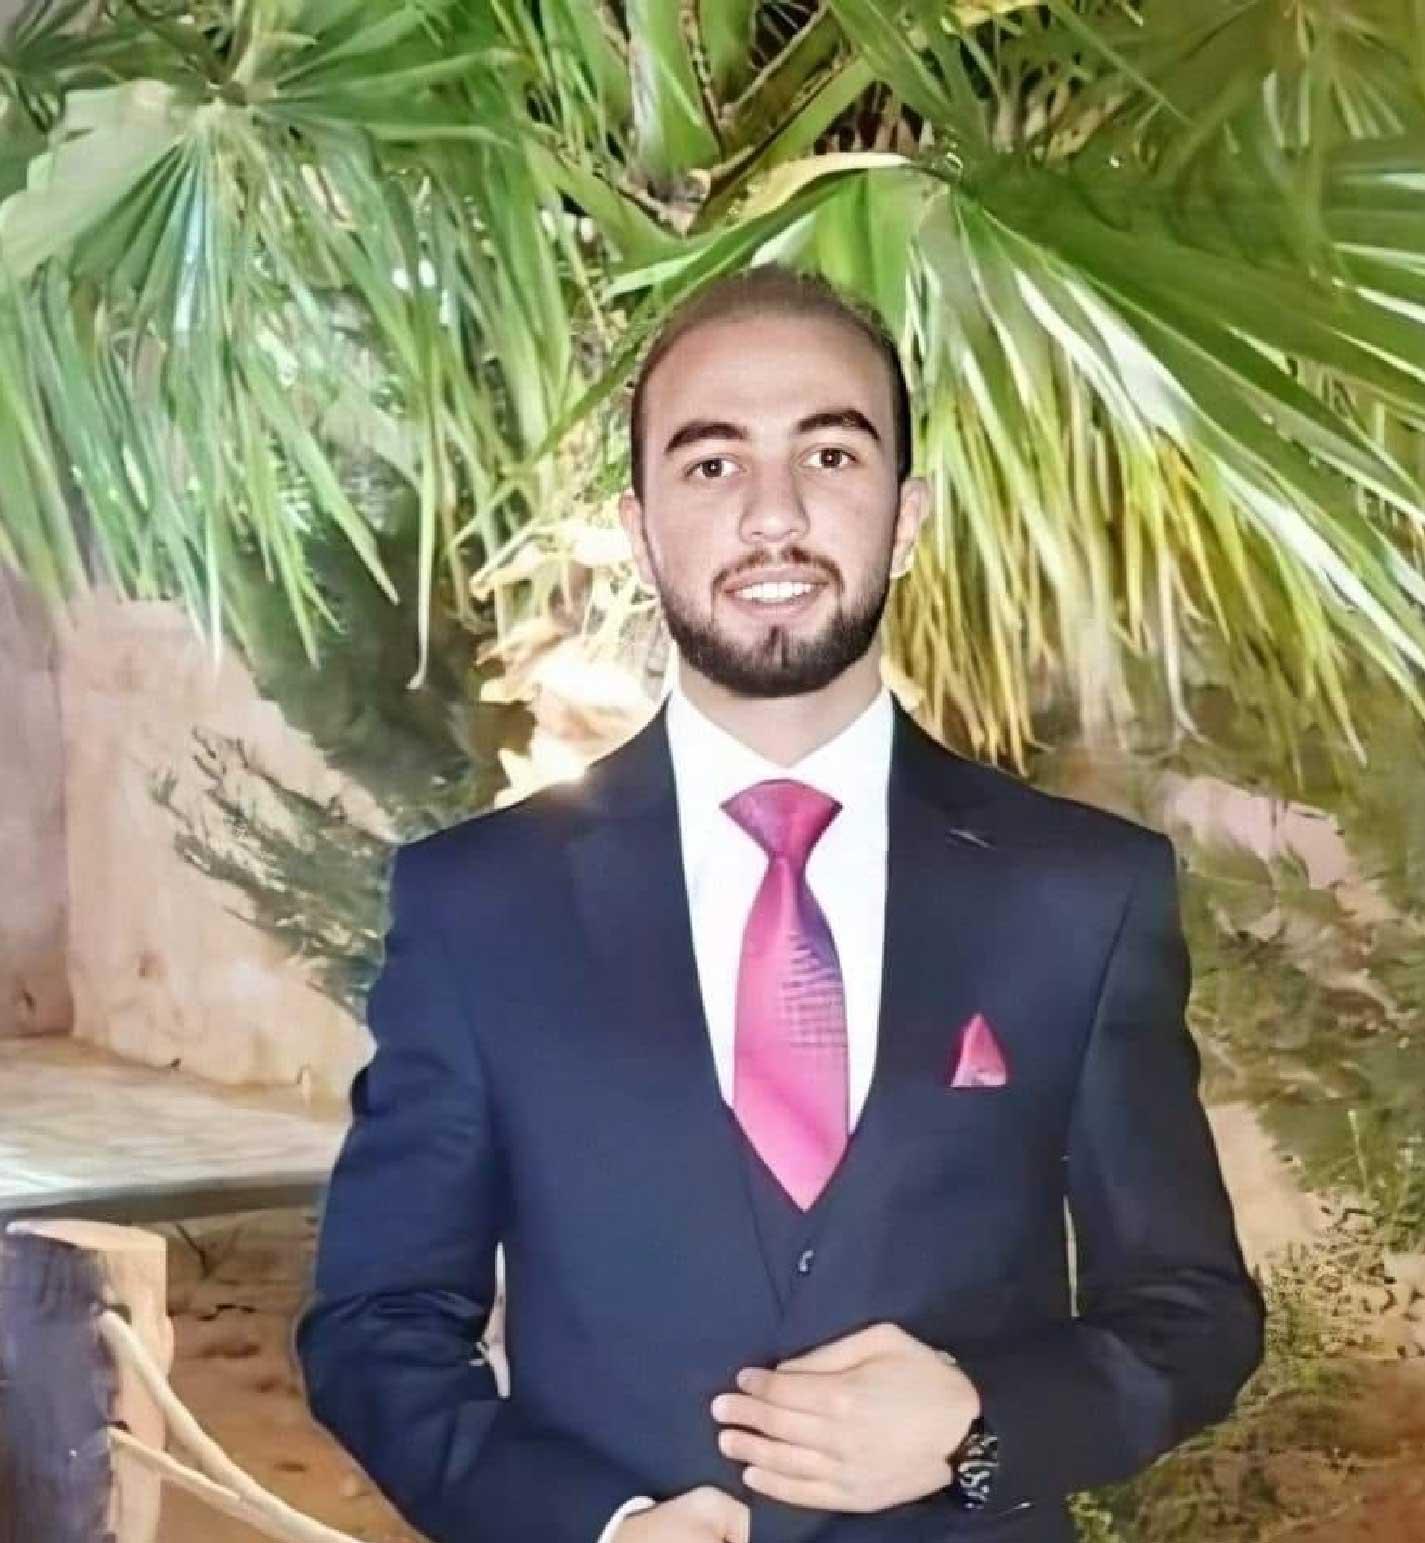 Ahmad Abu Khaled